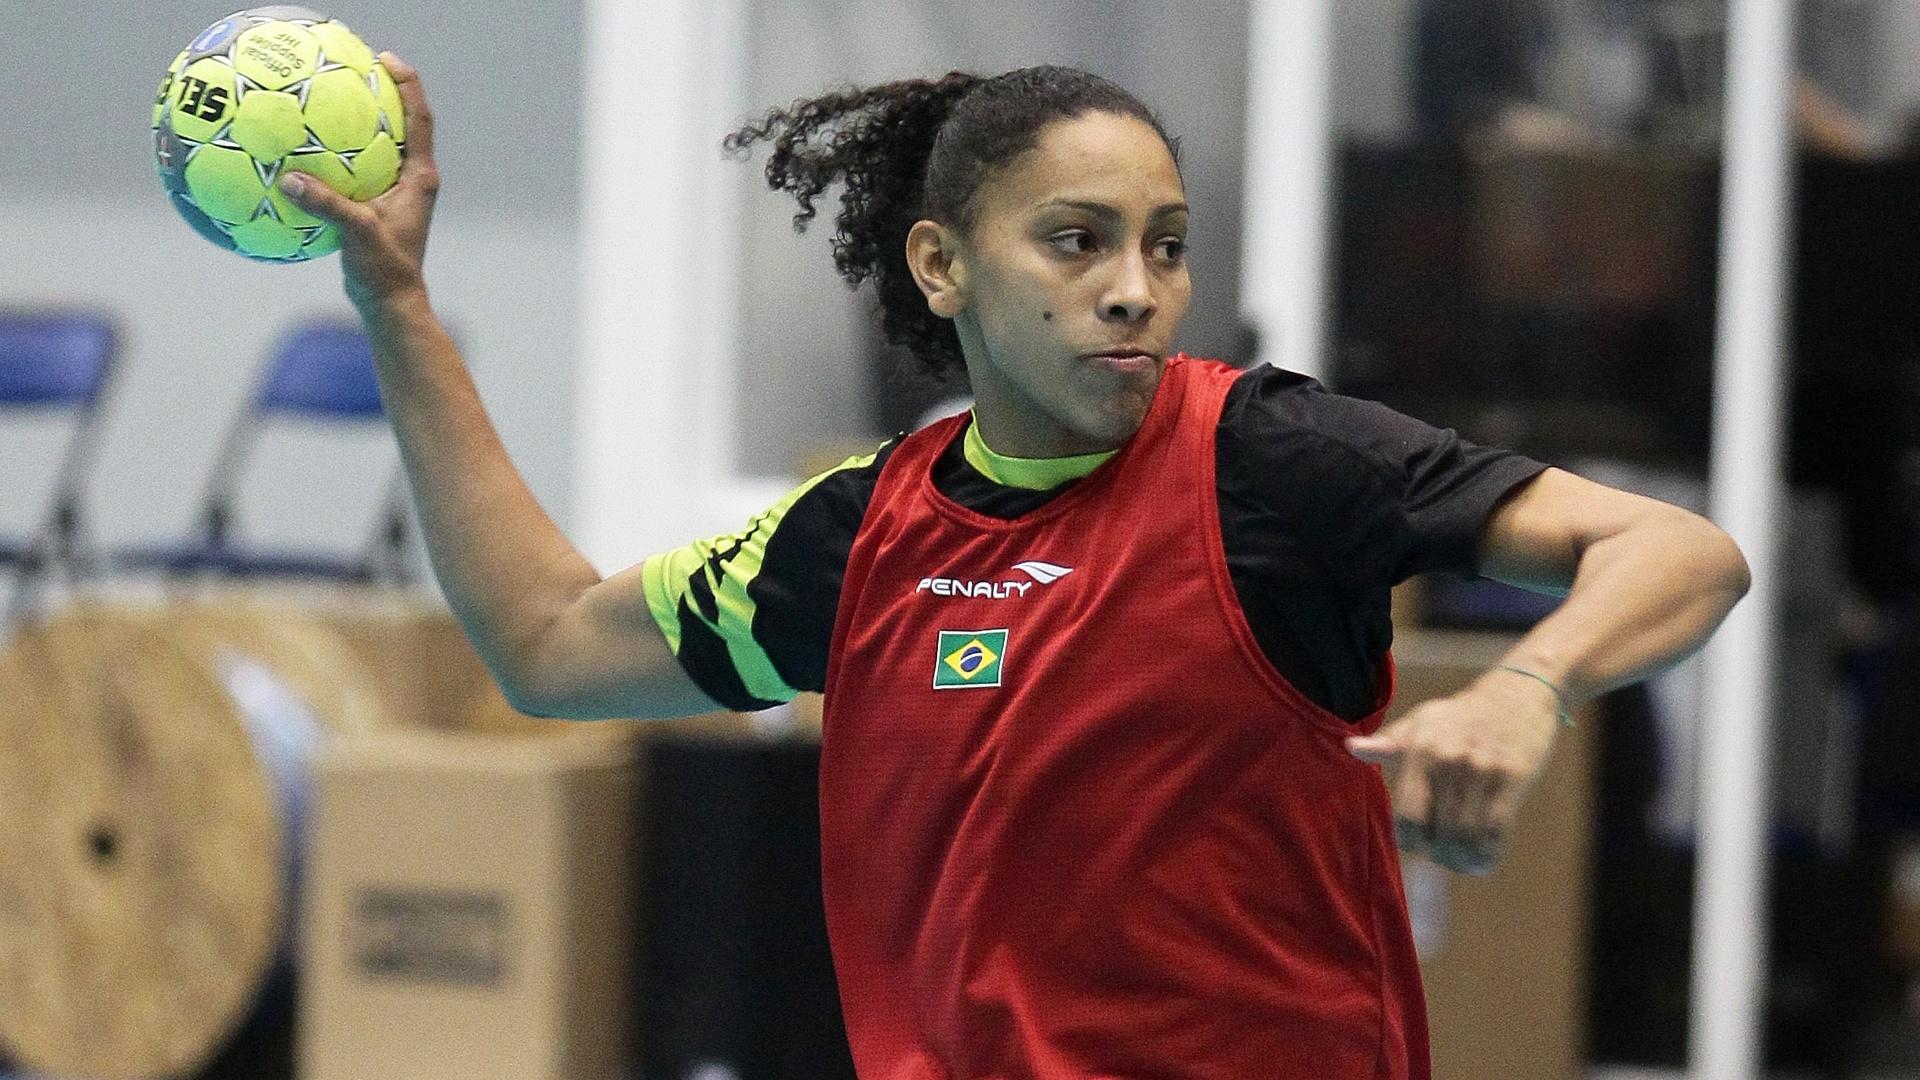 A atleta Ana Paula Rodrigues, da seleção brasileira de handebol, treina no México